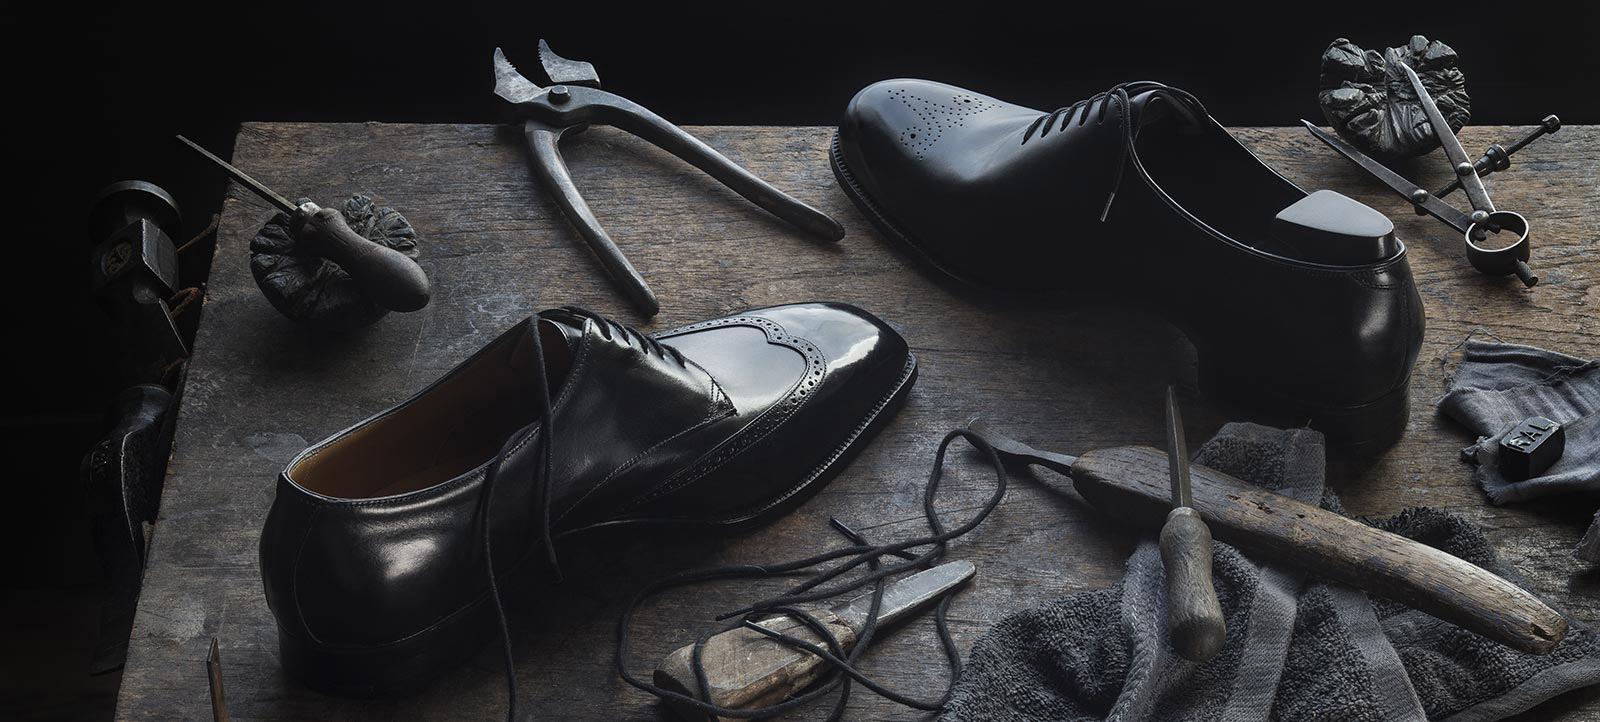 a43d405f6e09 Egy igazi, kézzel készült, rámán varrott cipő, mely lábunk formáját követi  és tökéletesen illeszkedik. Becsüljük annyira ezt a fontos ...